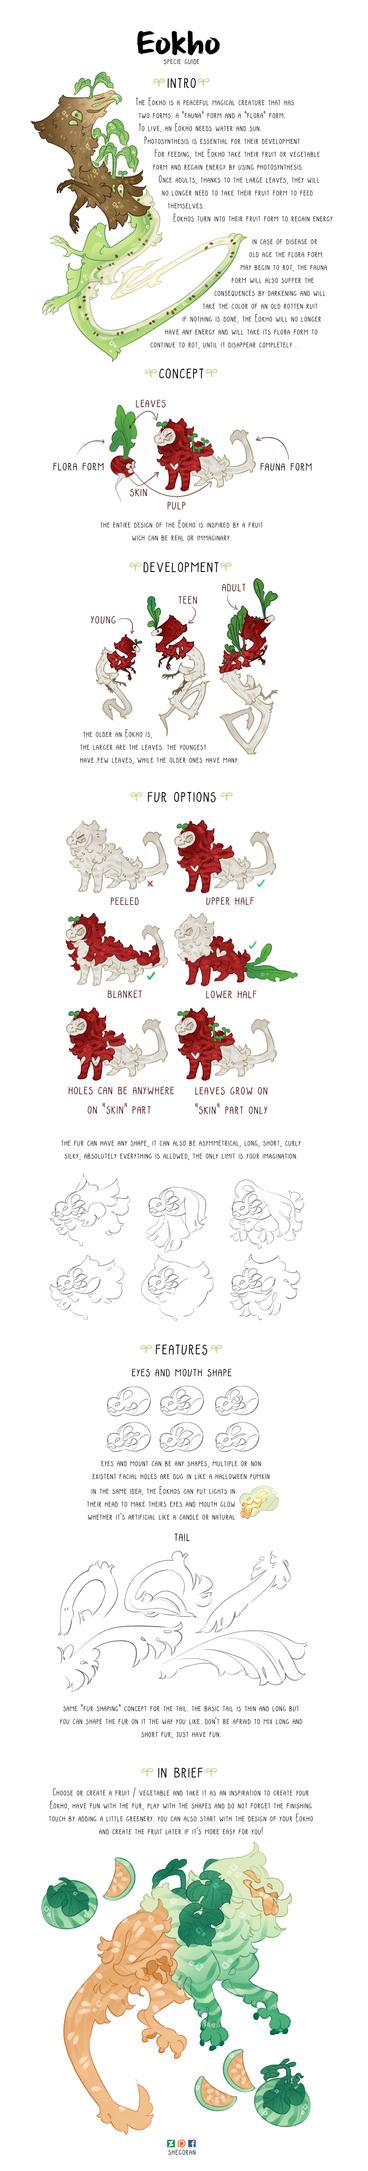 Eokho specie guide by Shegoran